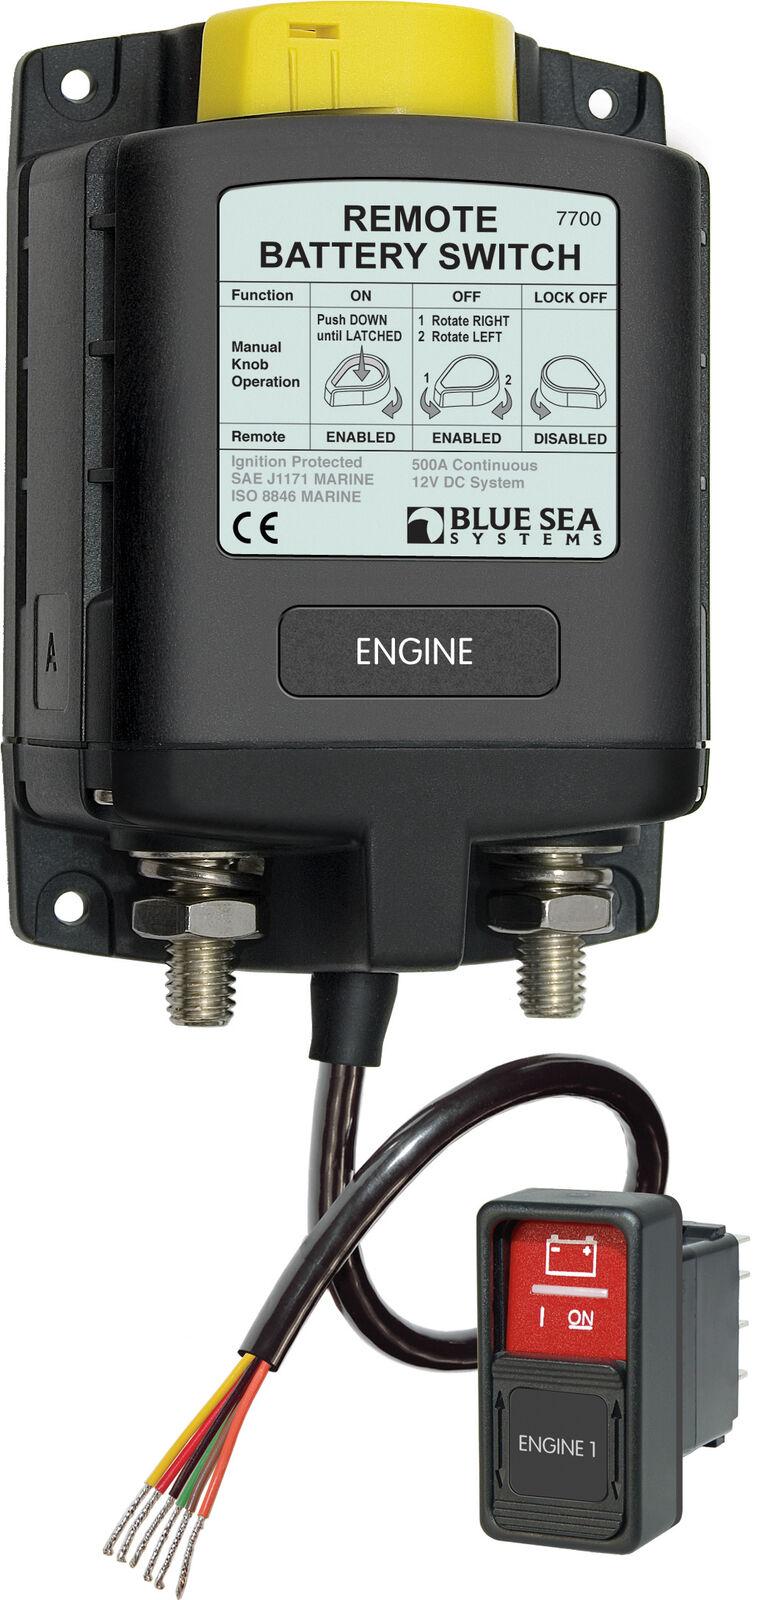 Blau SEA - - Fernsteuerbarer Batterie-Hauptschalter - - 12V e27dbf